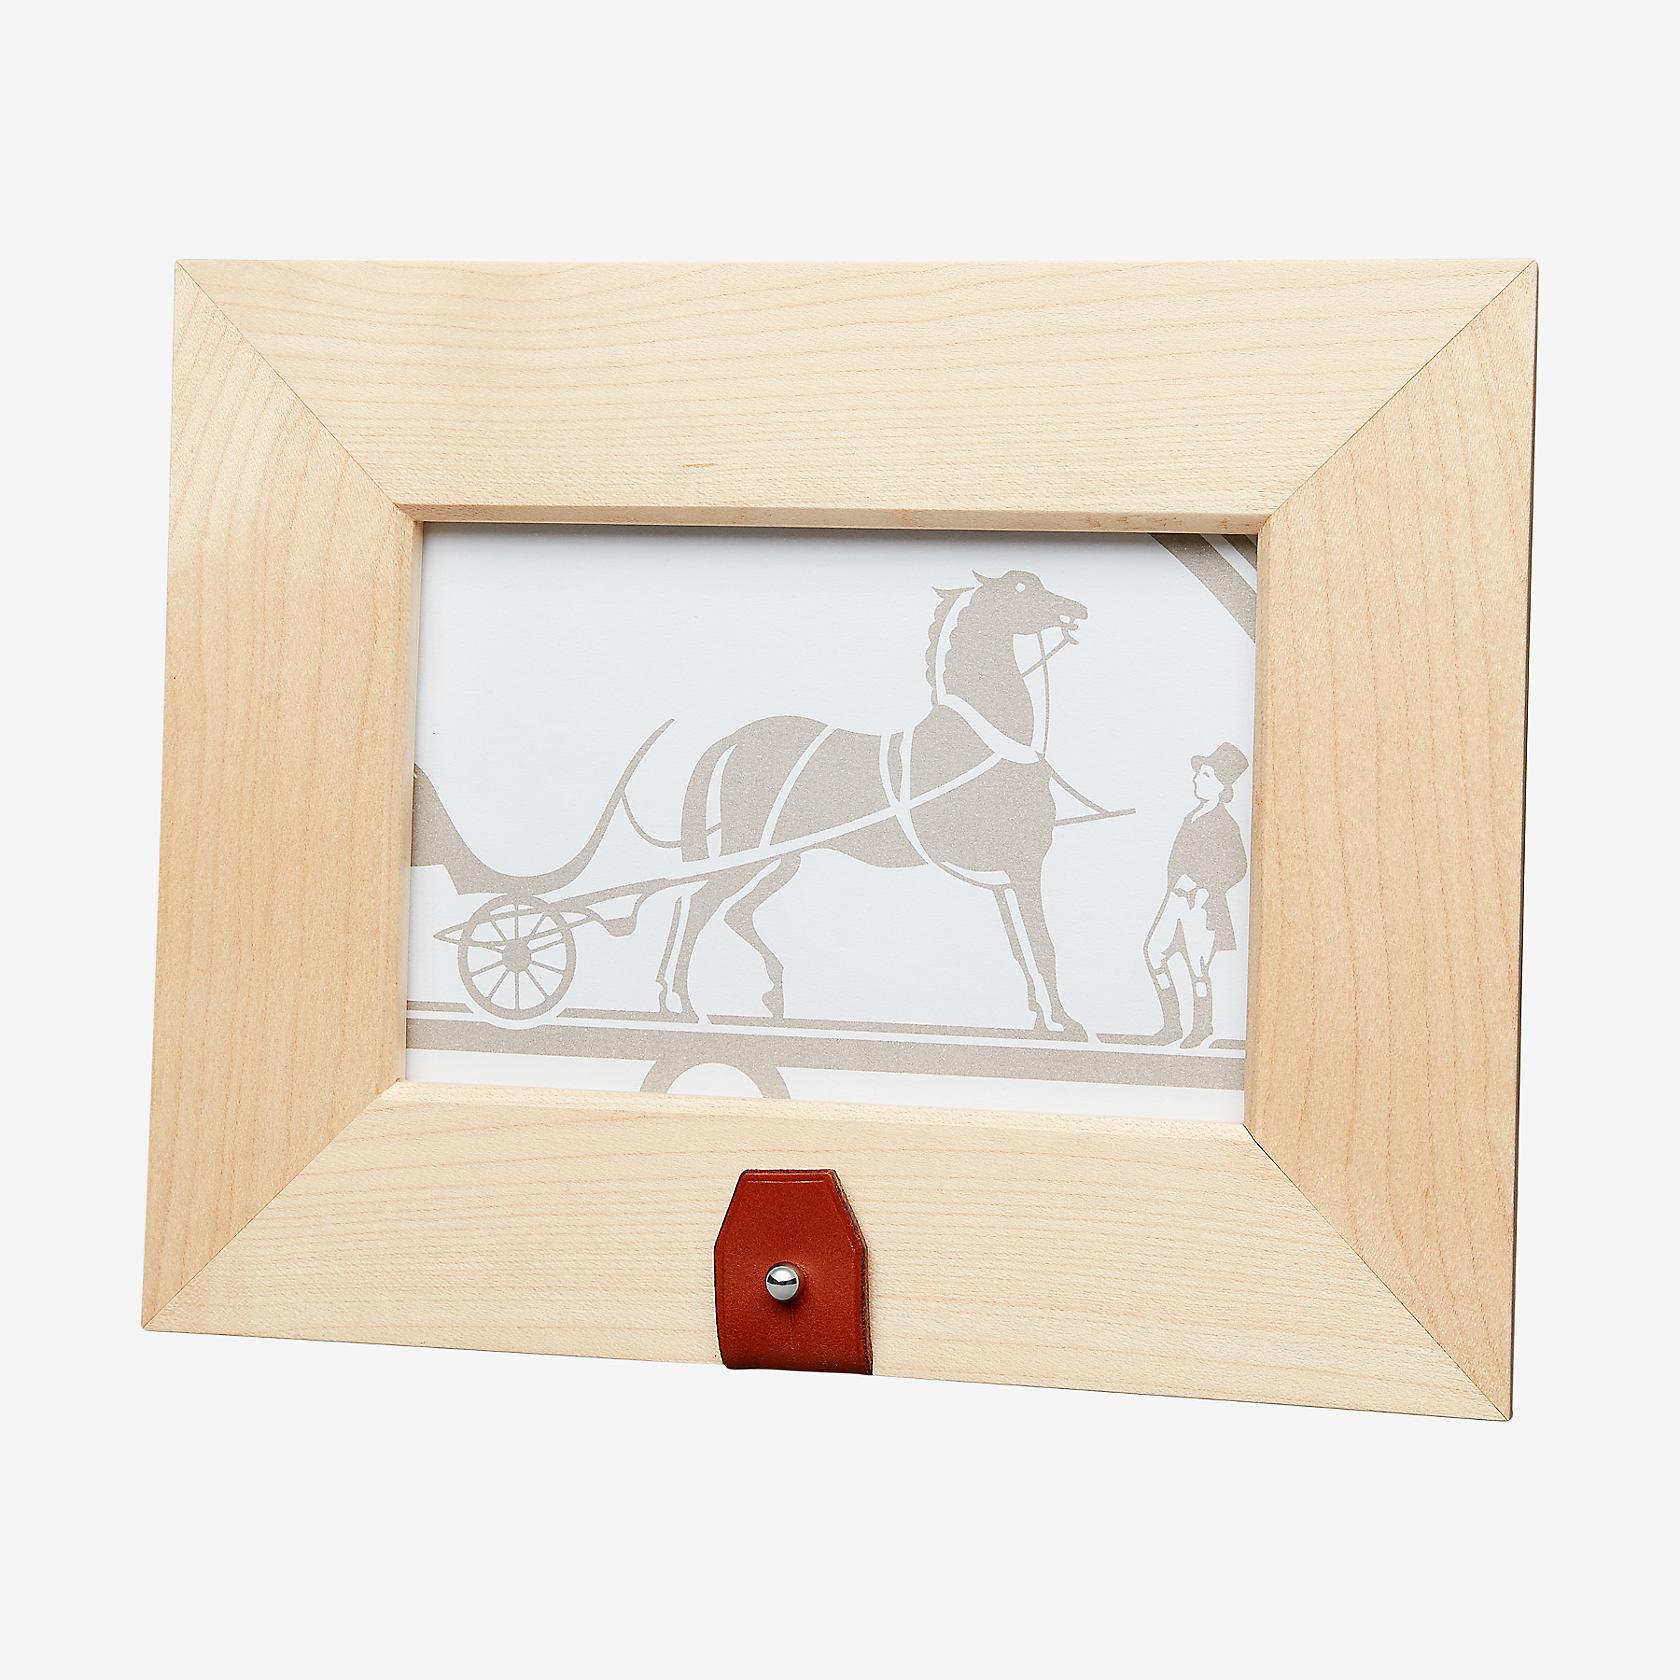 Tibi horizontal picture frame, small model | Hermès